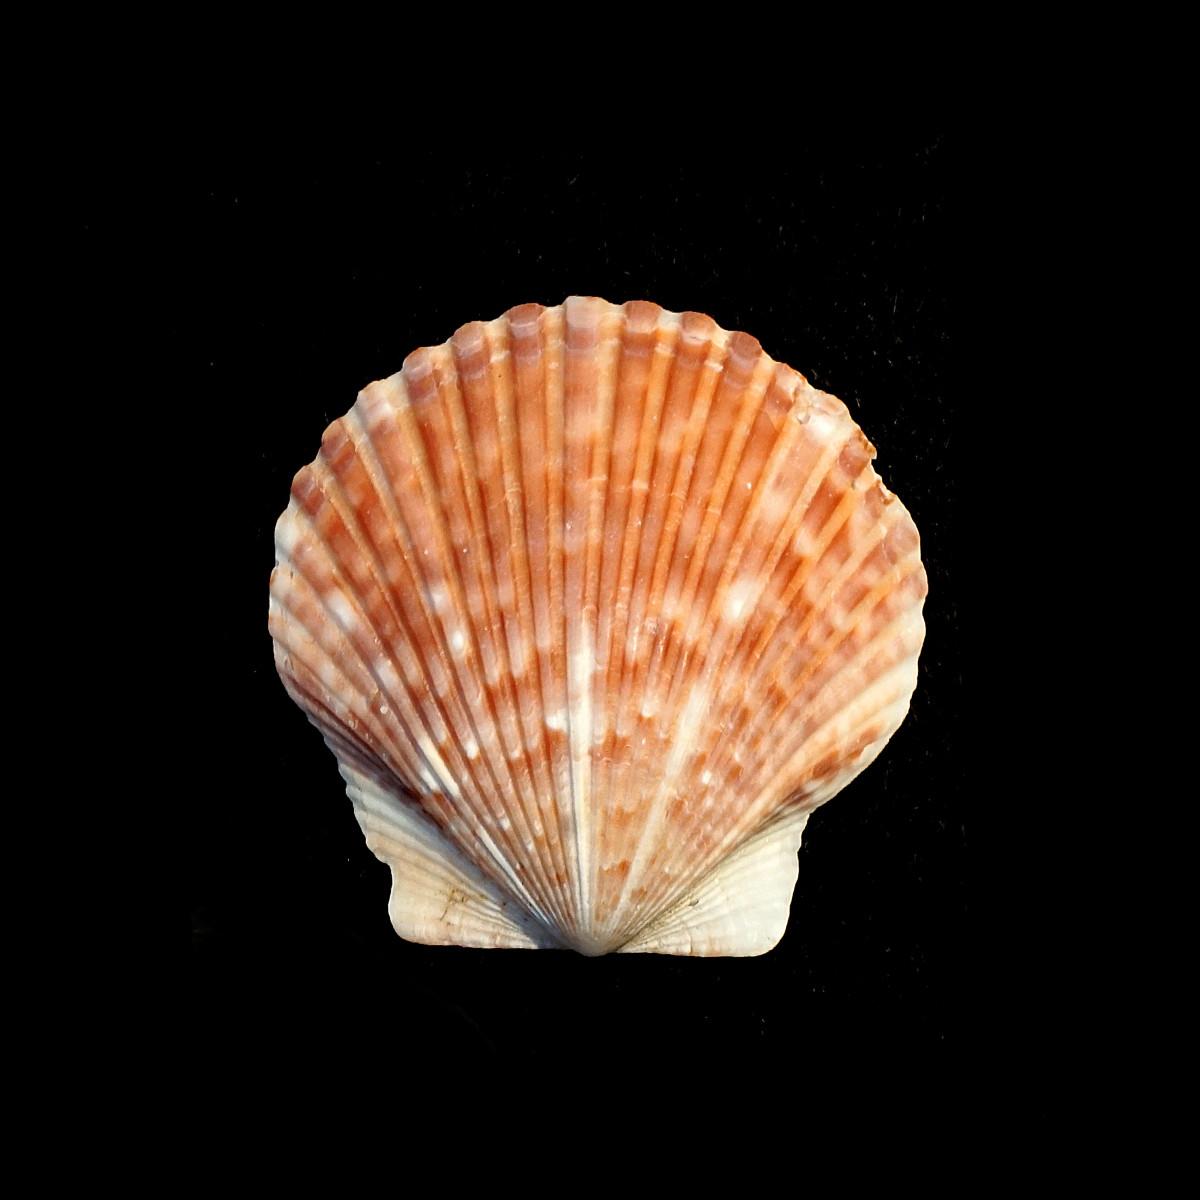 Calico Scallop Seashell - Argopecten gibbus